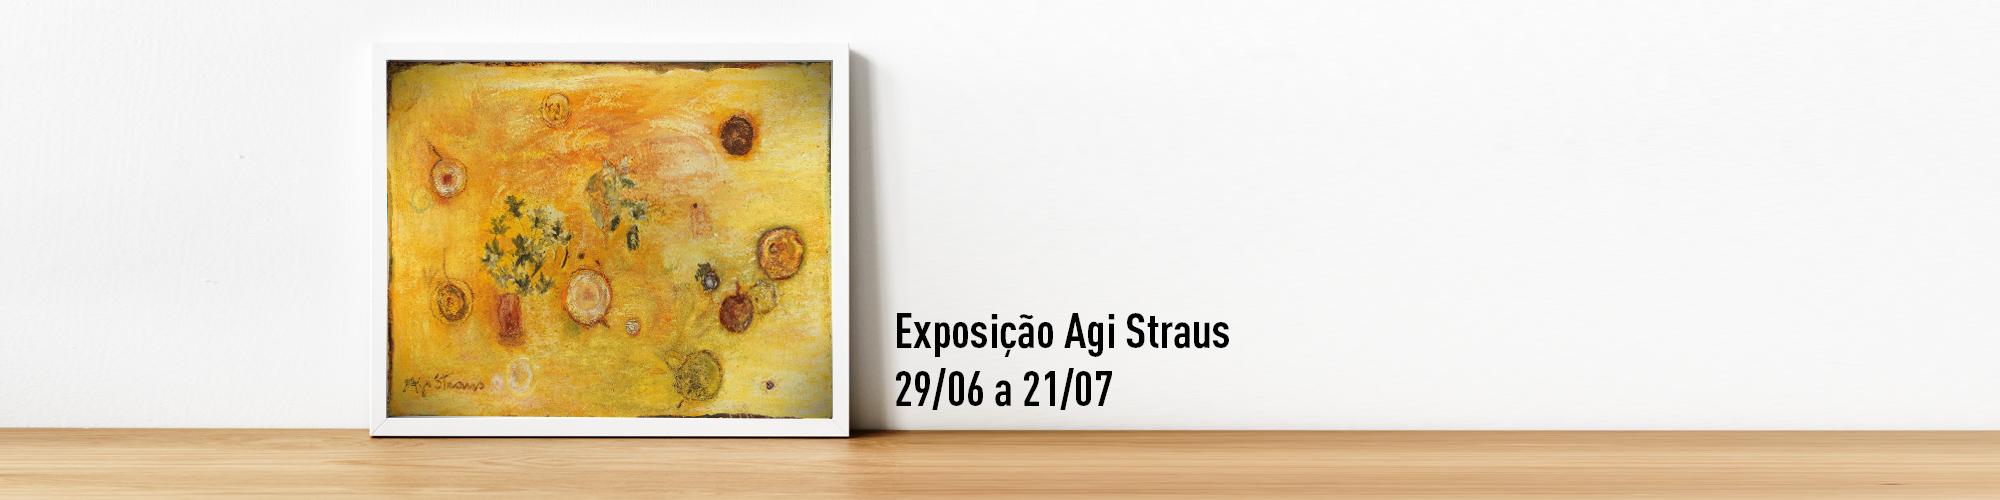 Agi Straus realiza exposição na Unibes Cultural